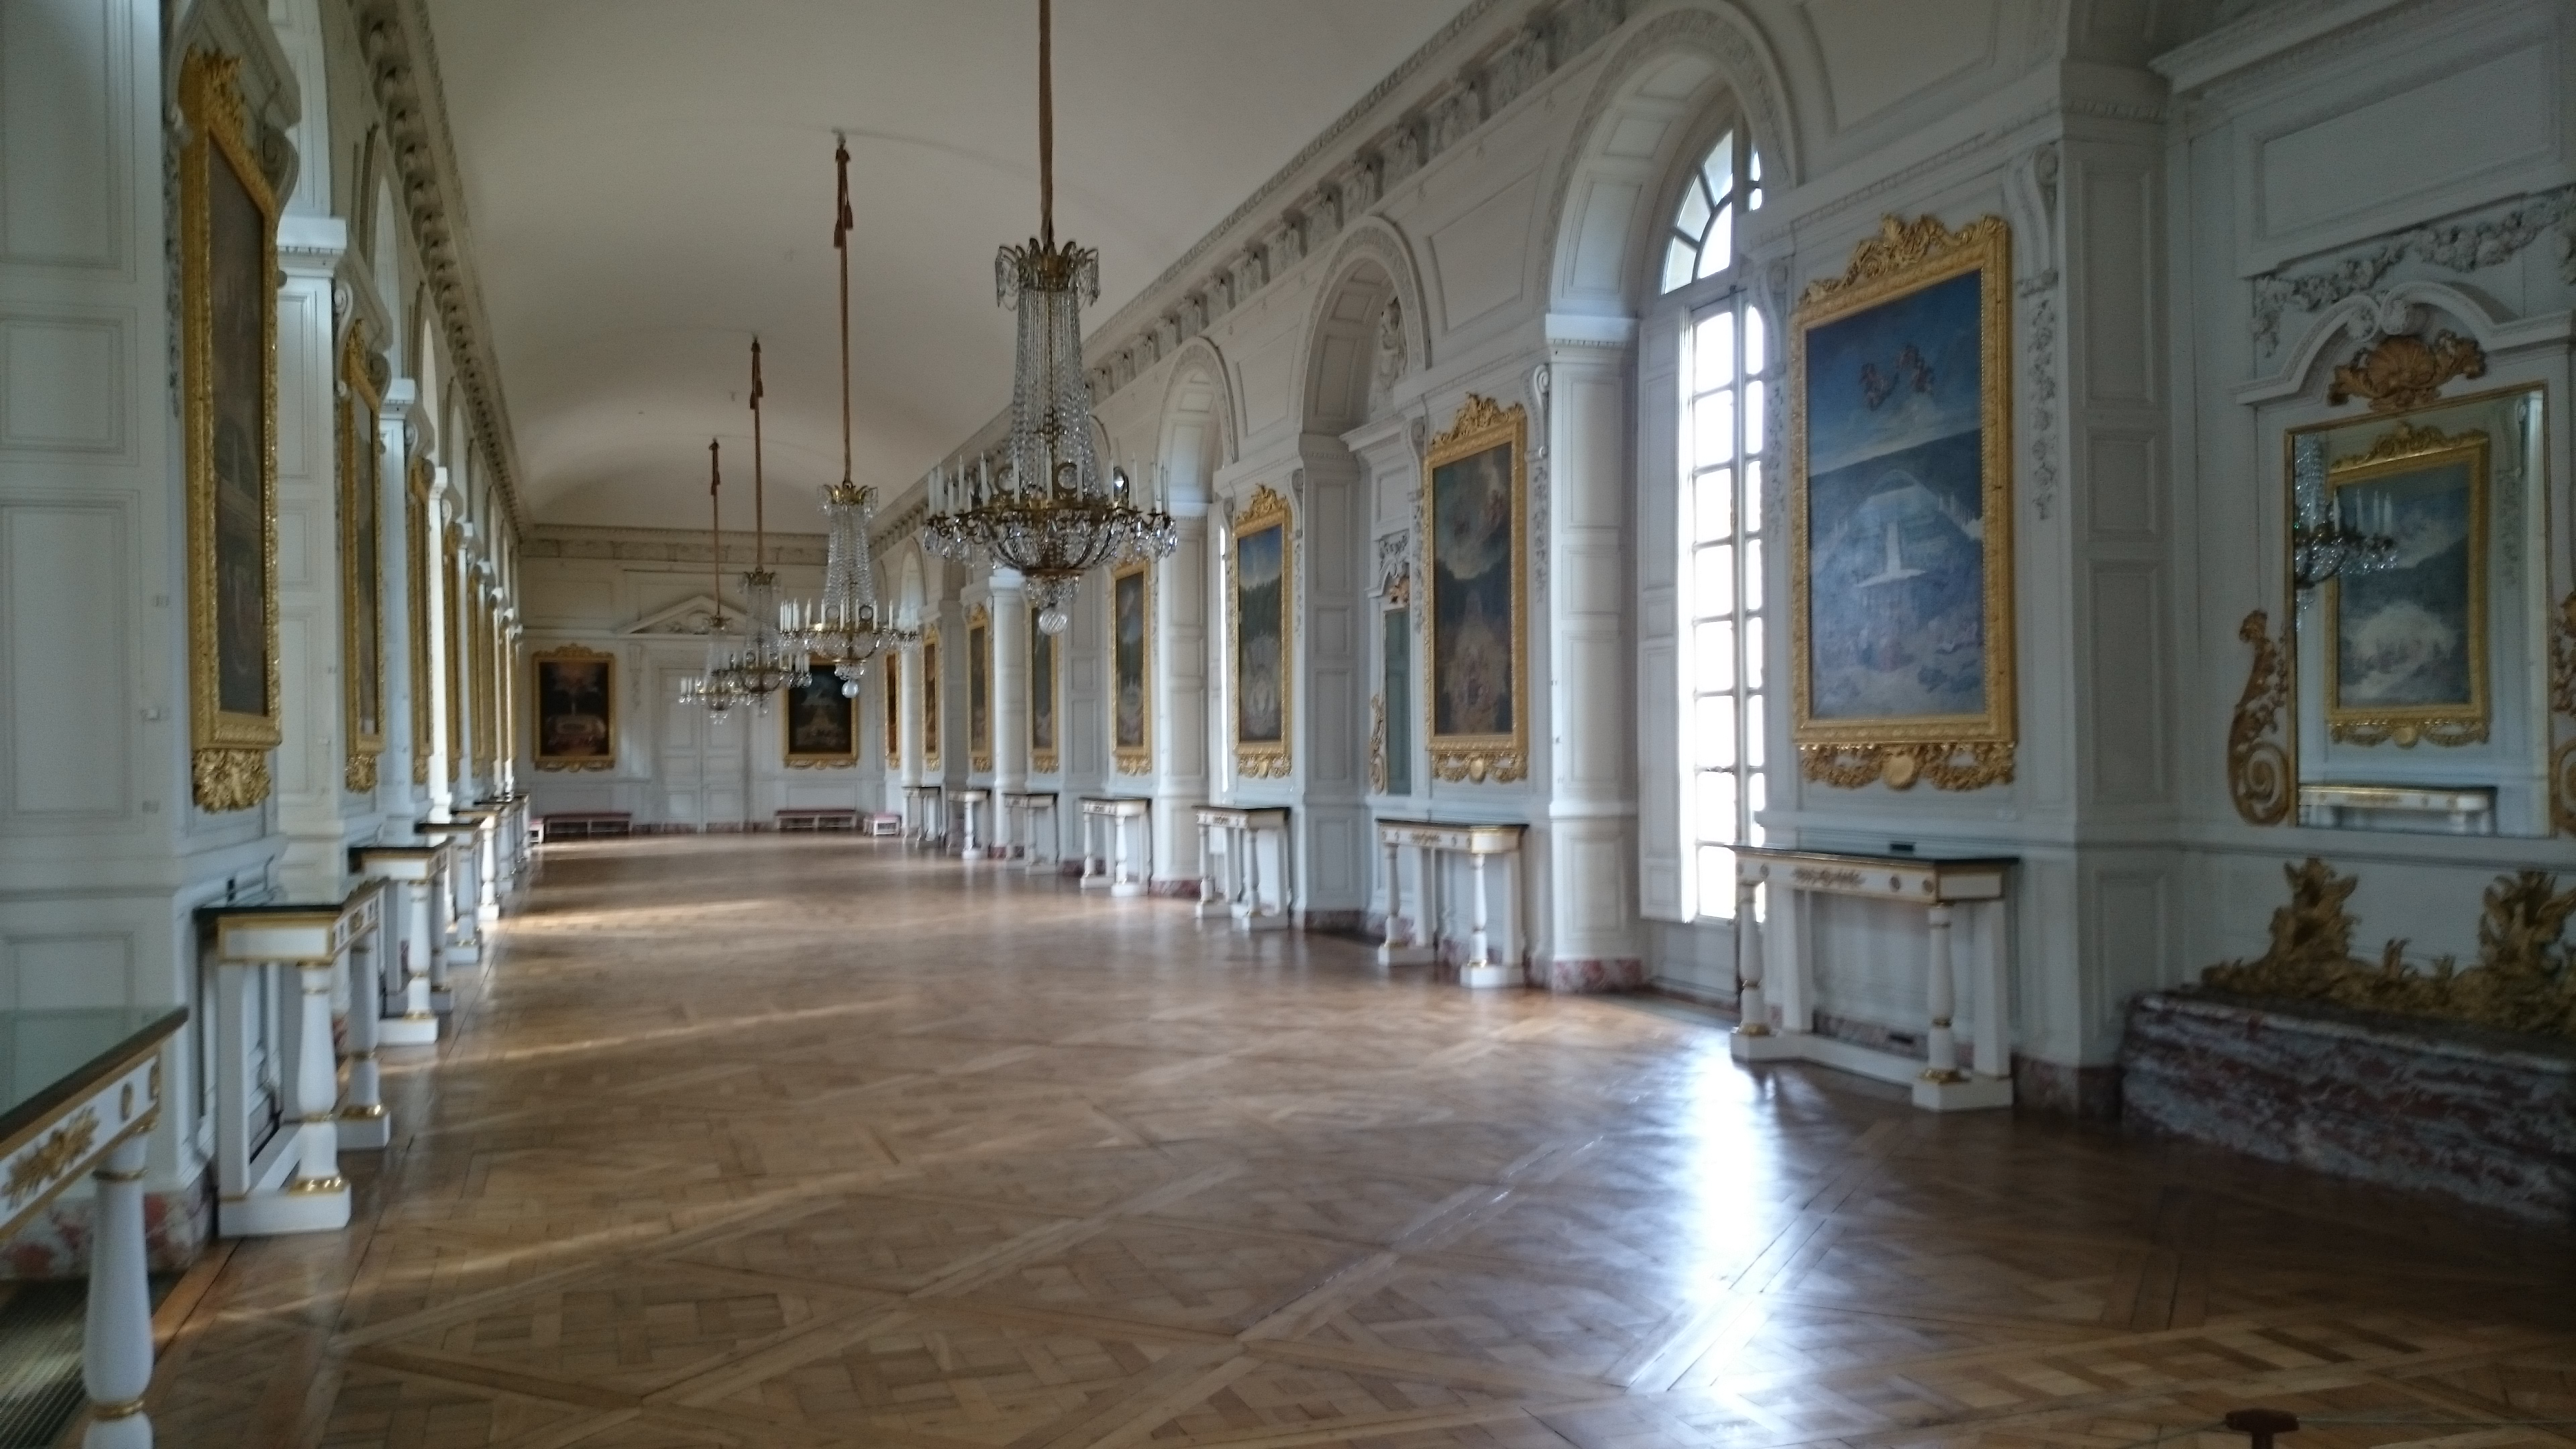 dsc 1235 - Visita al Palacio de Versalles: Como ir, cuanto cuesta y tips II/III